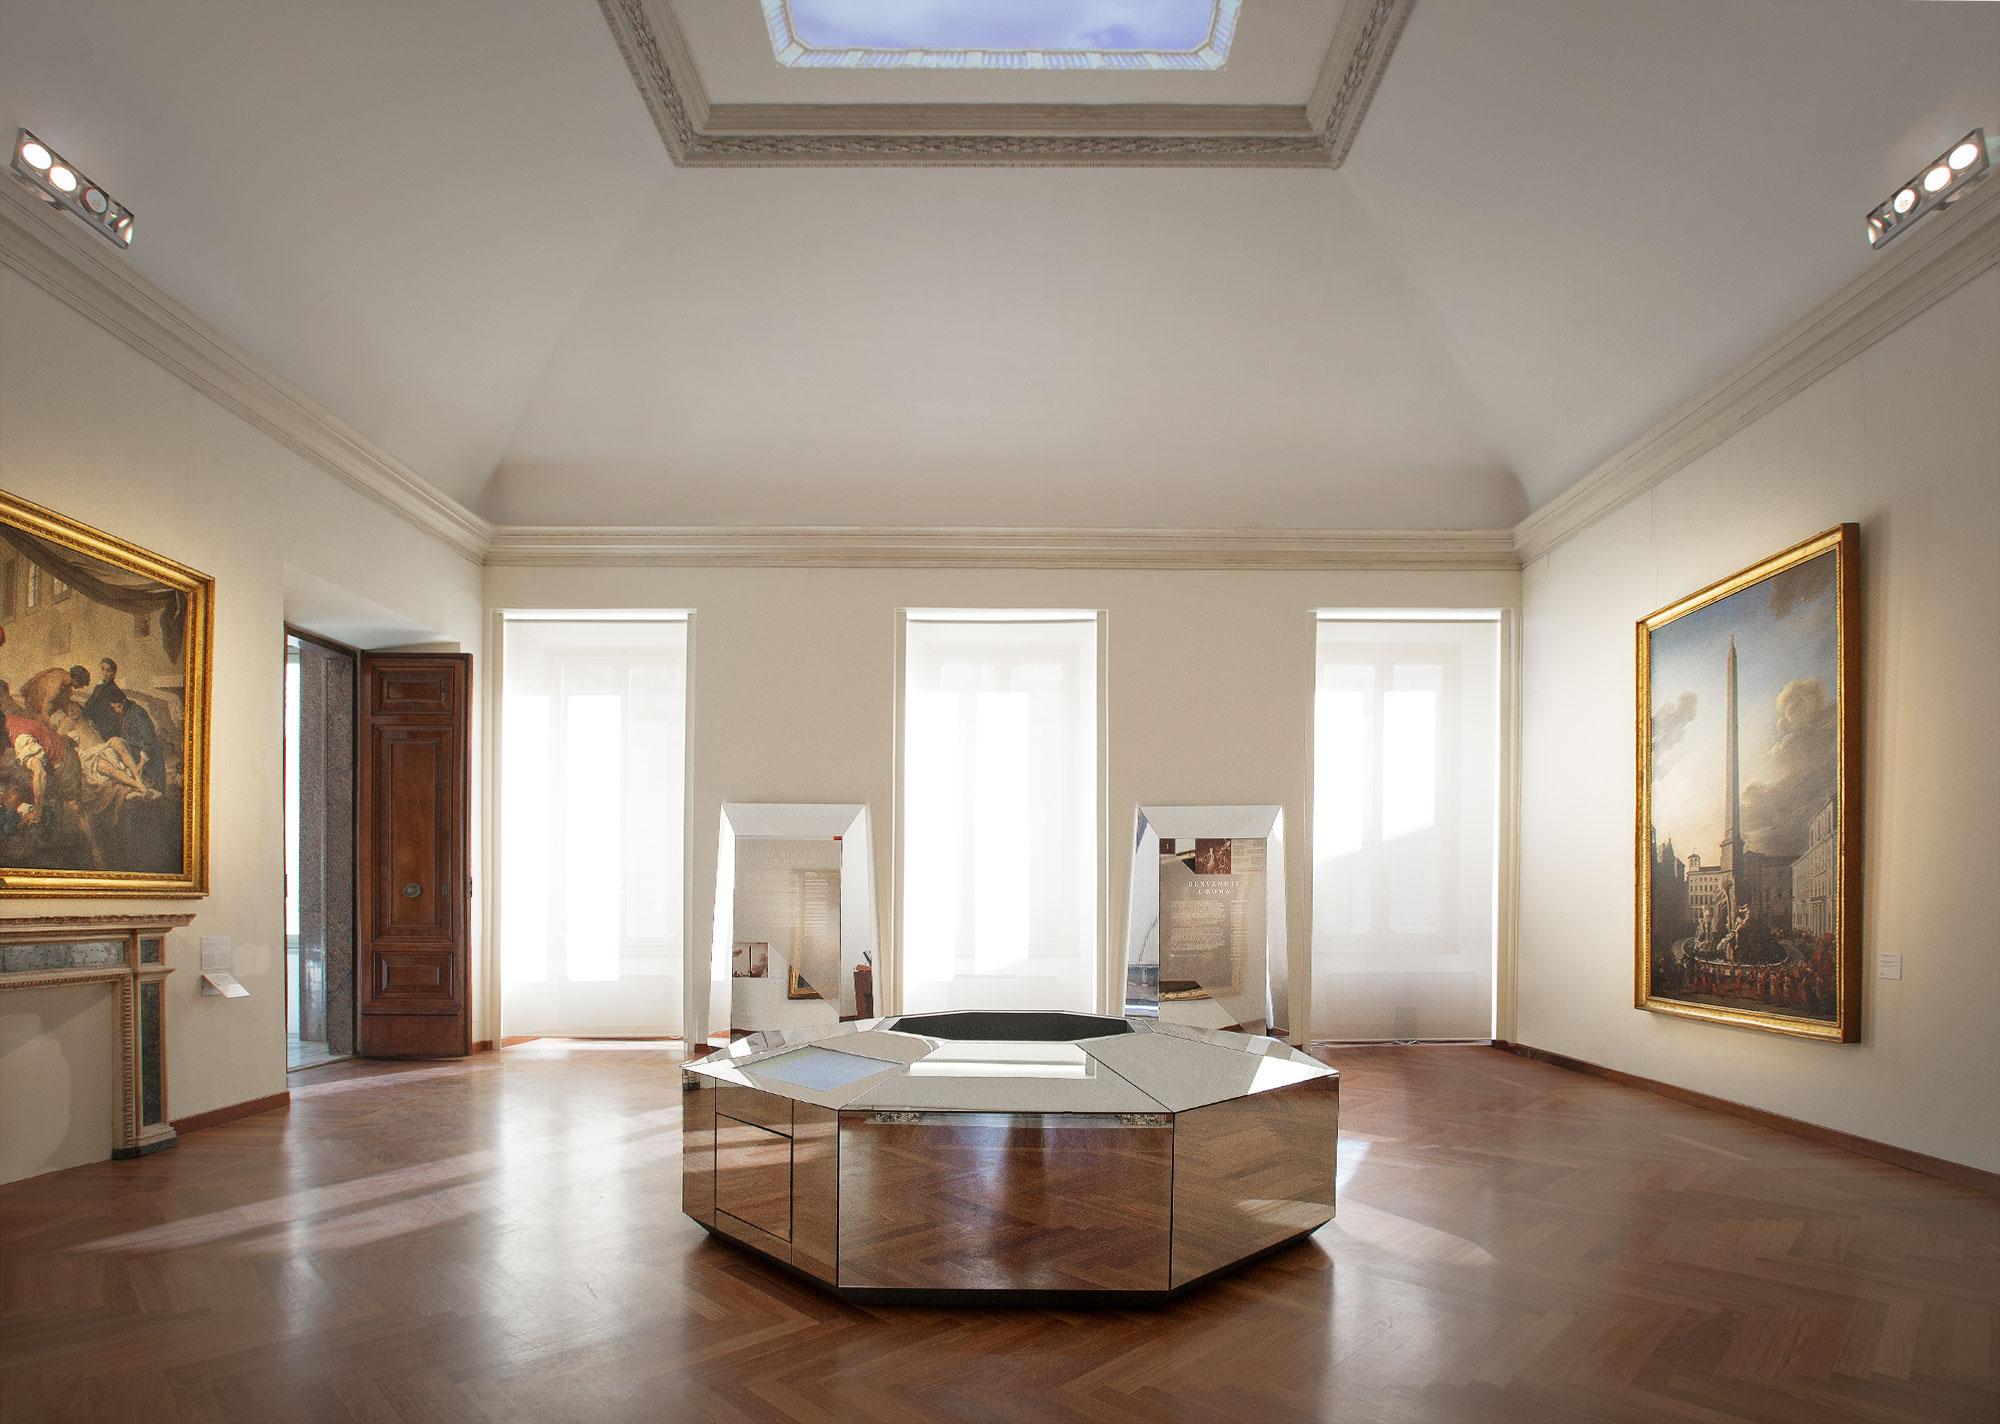 Nuovo Museo di Roma: Studio Visuale progetta l'identità, la segnaletica ed il progetto di mostra di Palazzo Braschi.